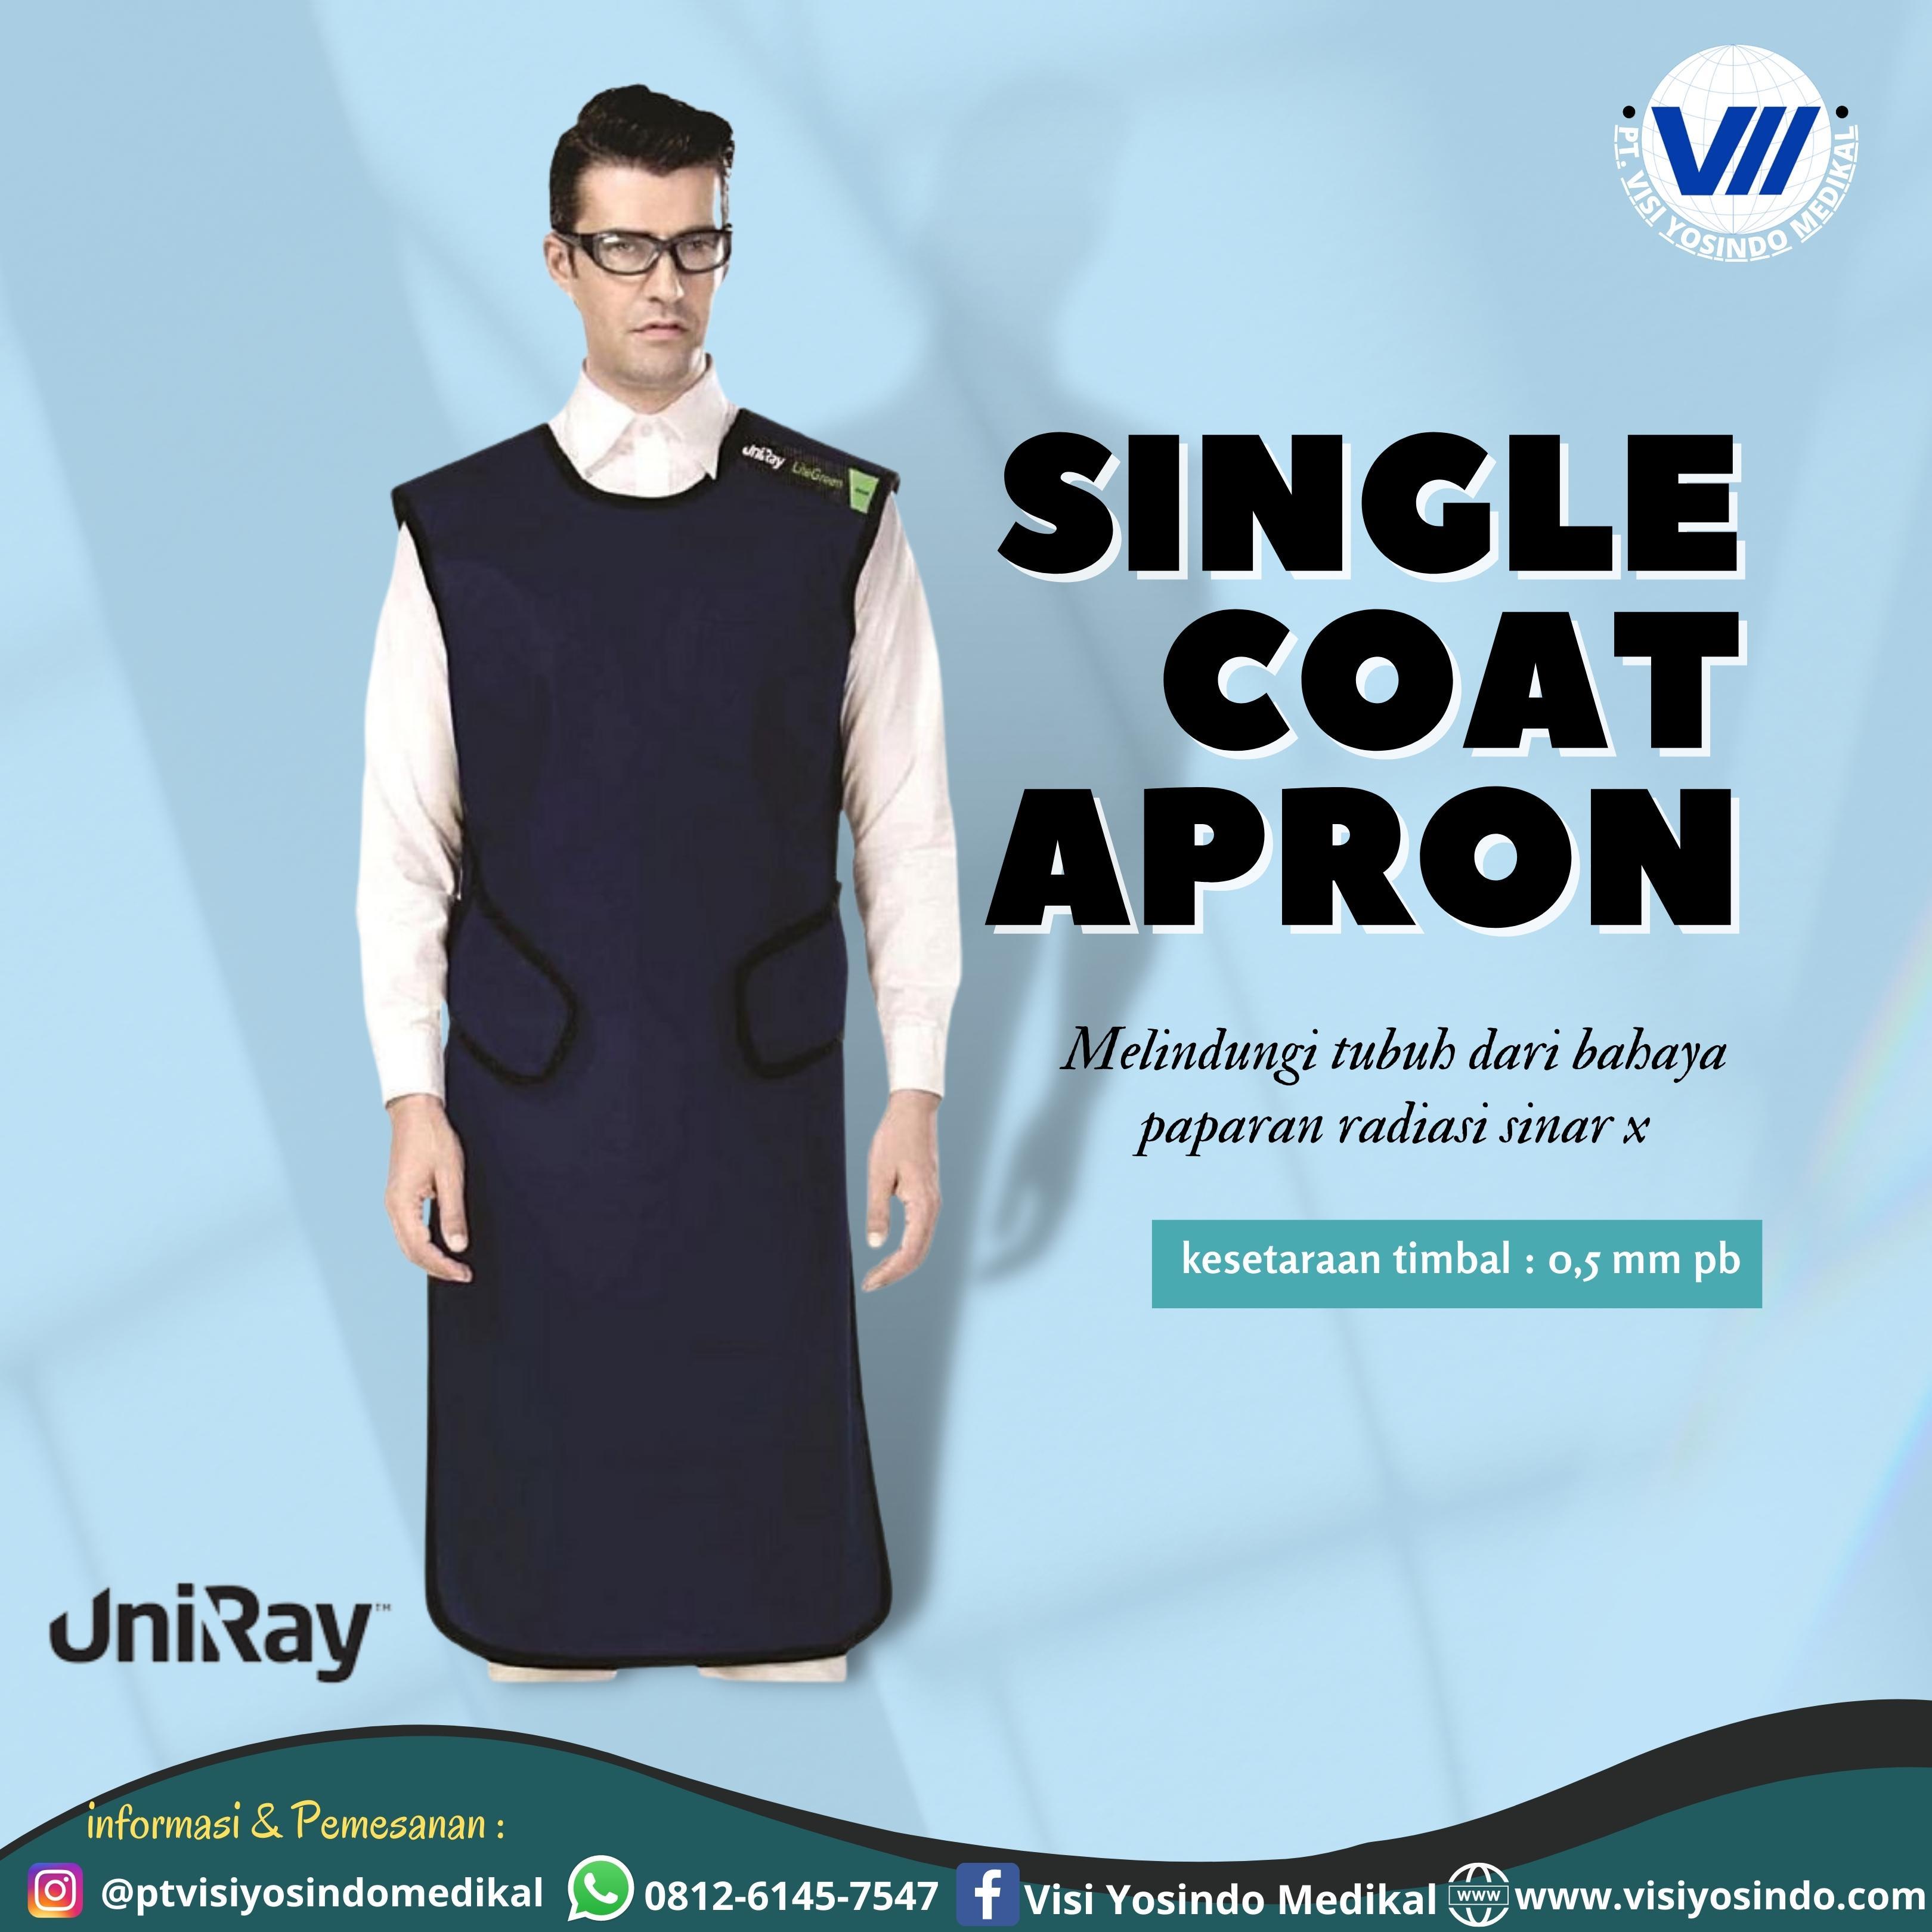 Single Coat Apron (Size Medium)